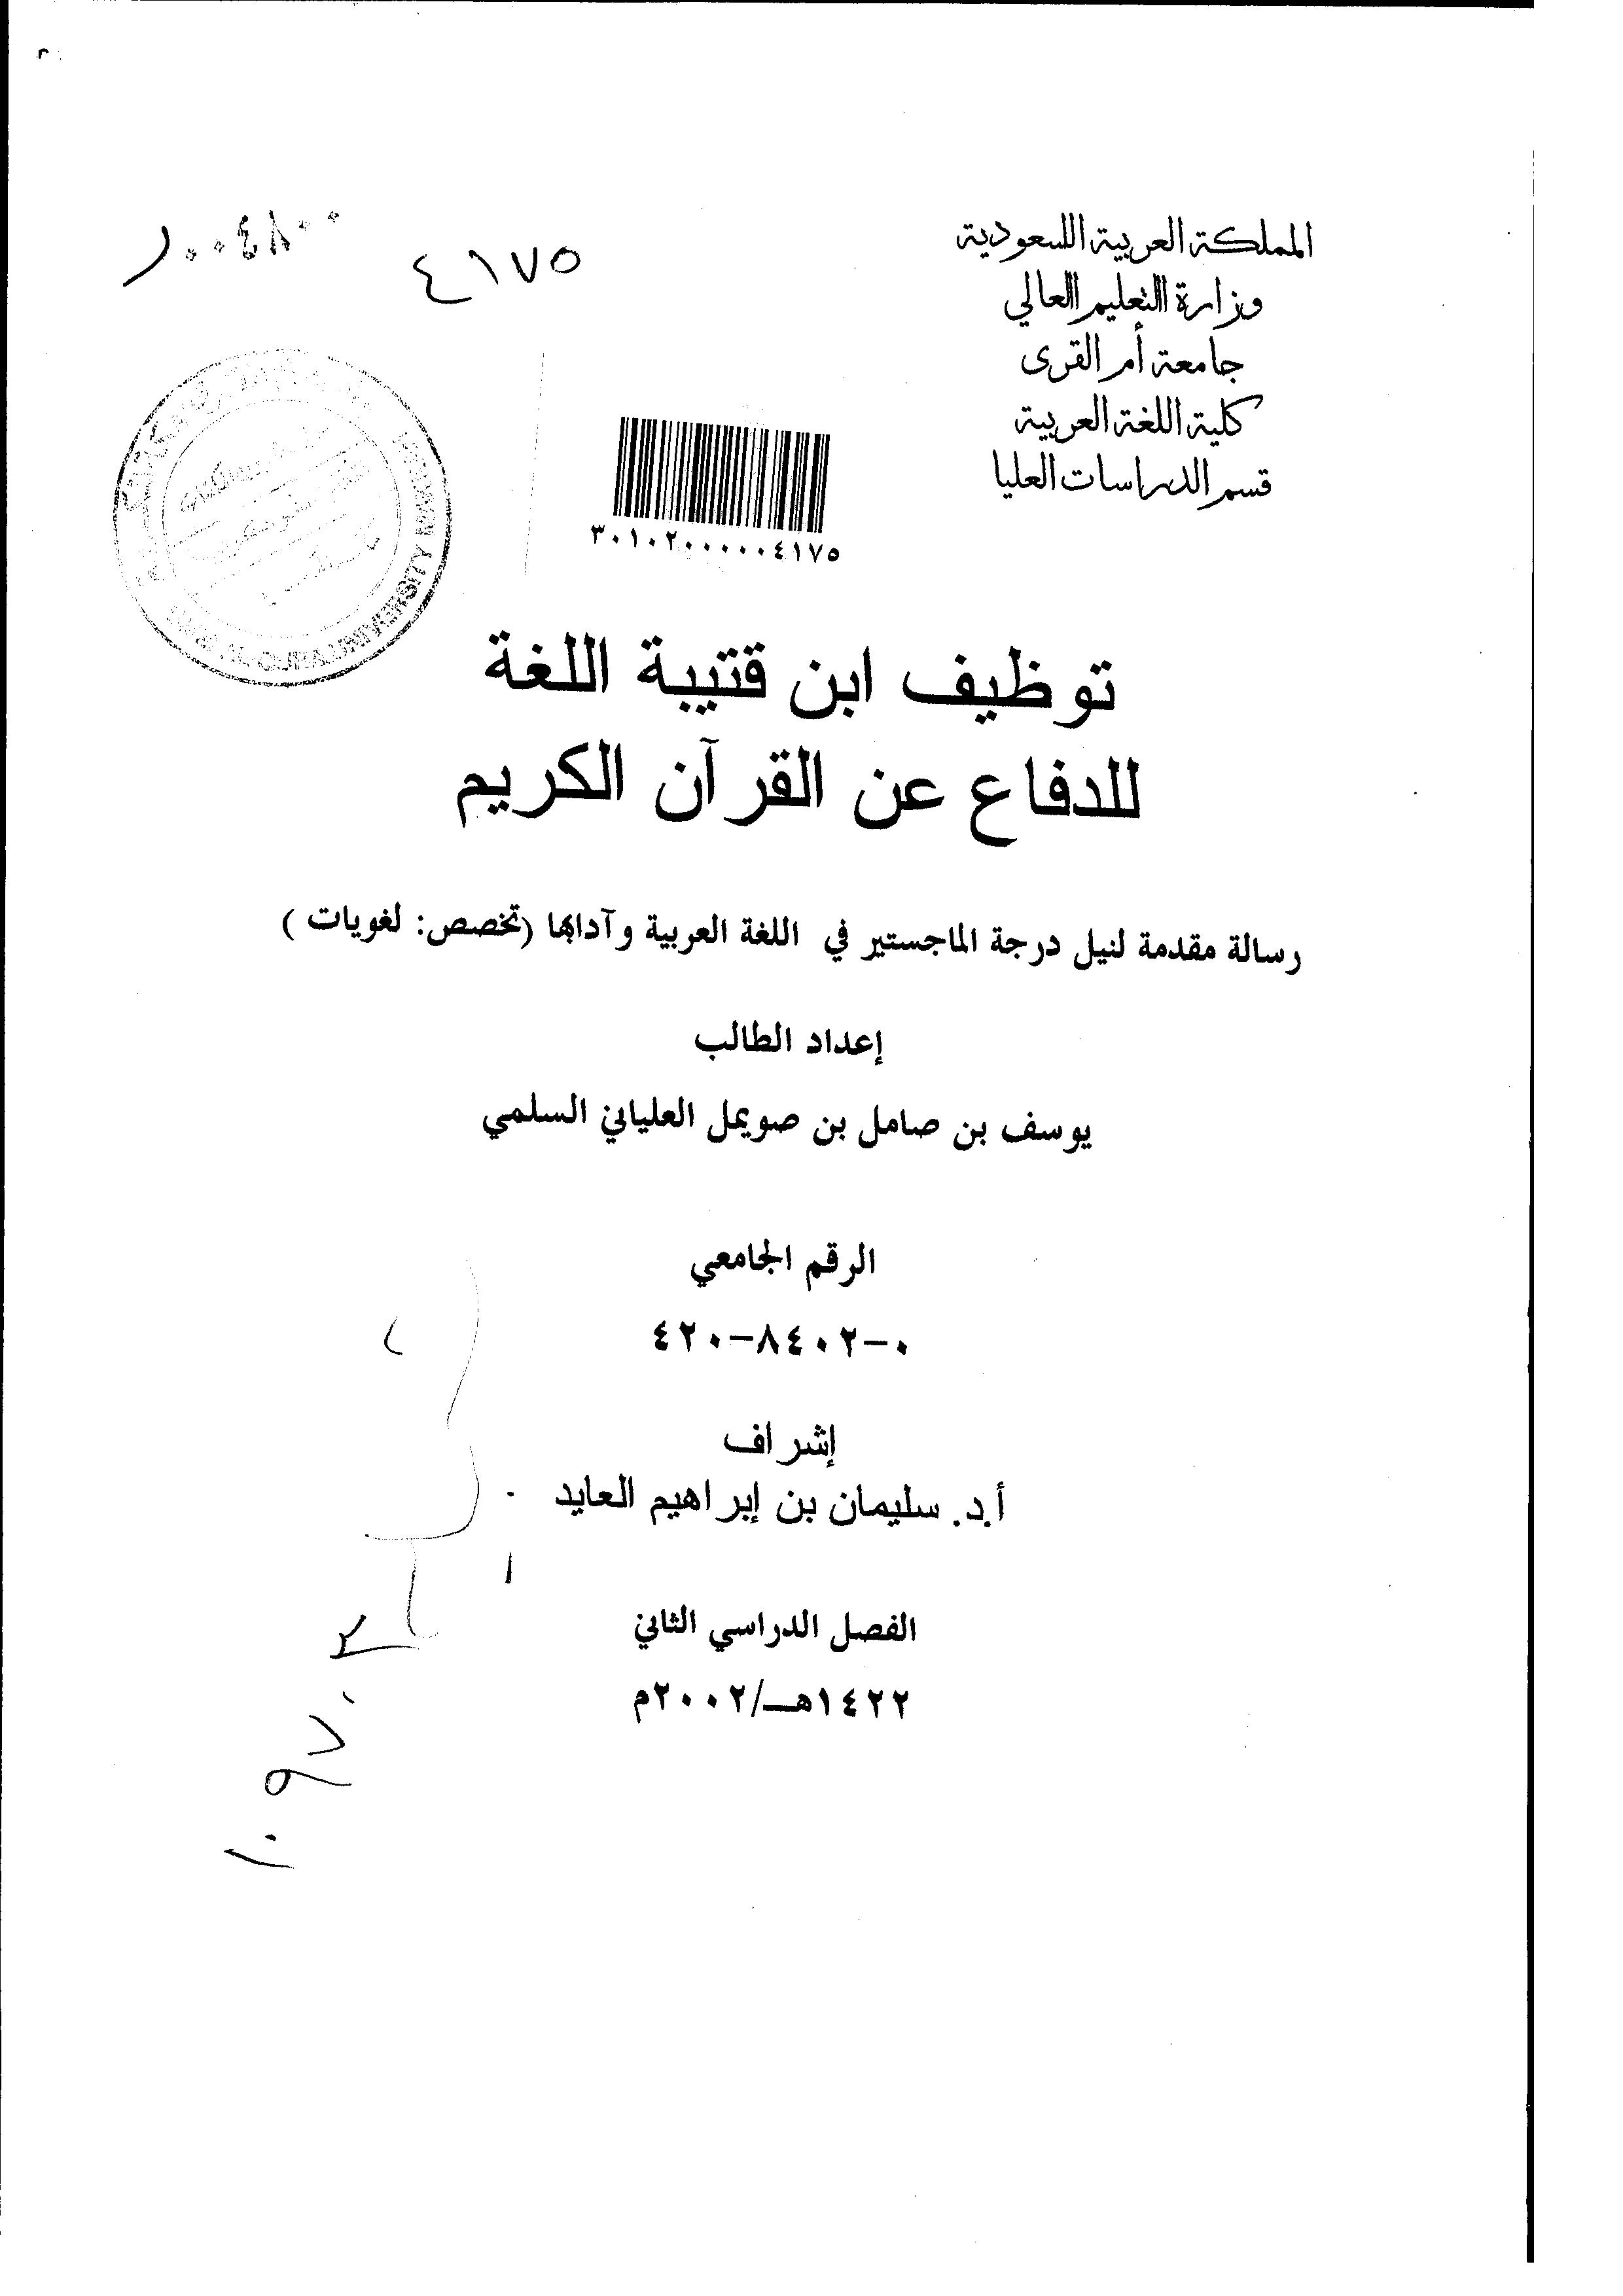 تحميل كتاب توظيف ابن قتيبة اللغة للدفاع عن القرآن الكريم لـِ: الدكتور يوسف بن صامل بن صويمل العلياني السلمي